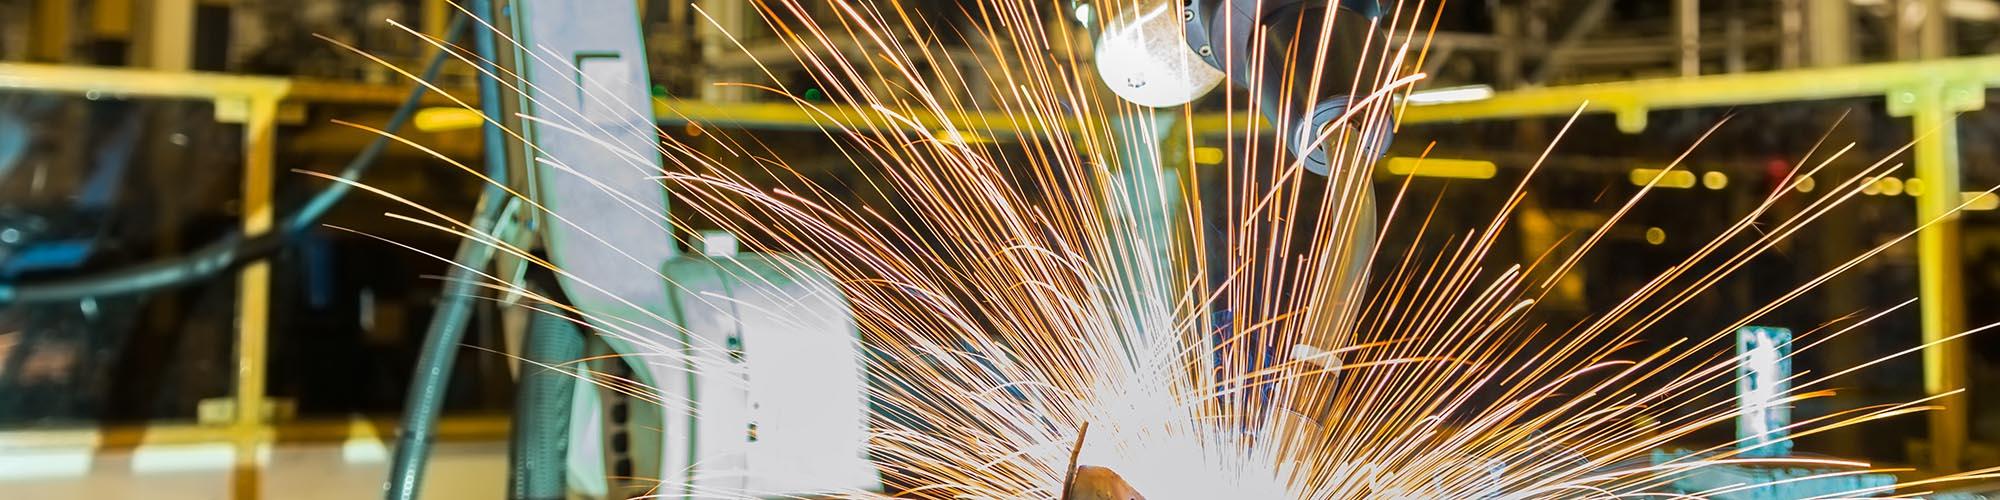 机器人和焊接技术